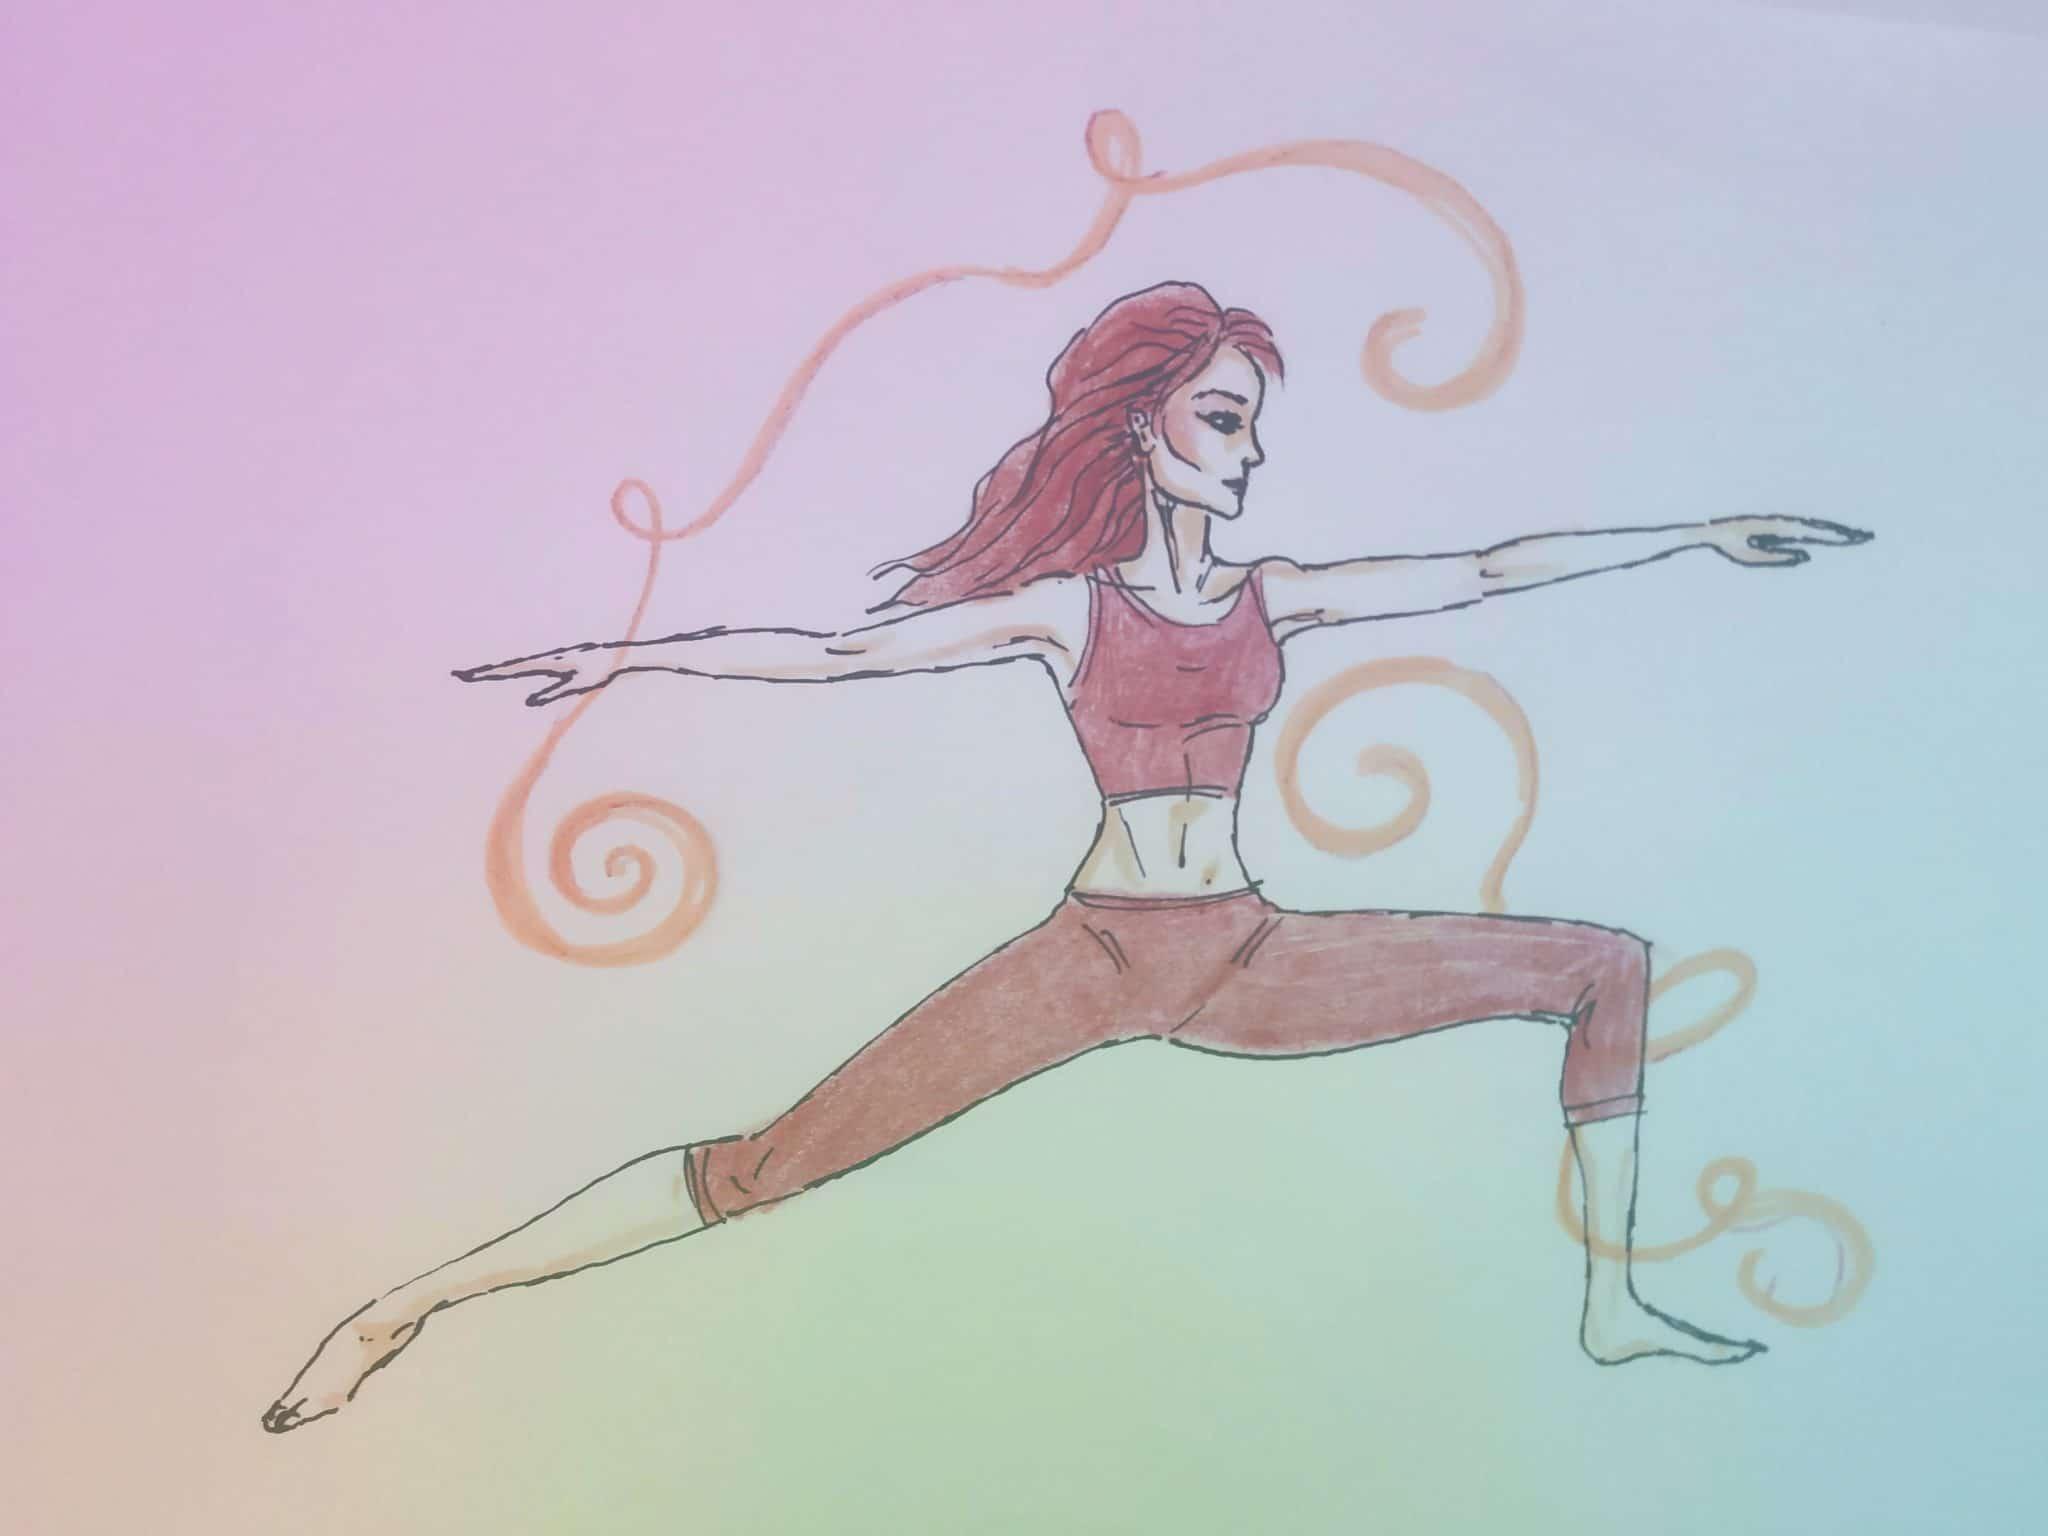 ashtanga, obrázek 1, typy jógy